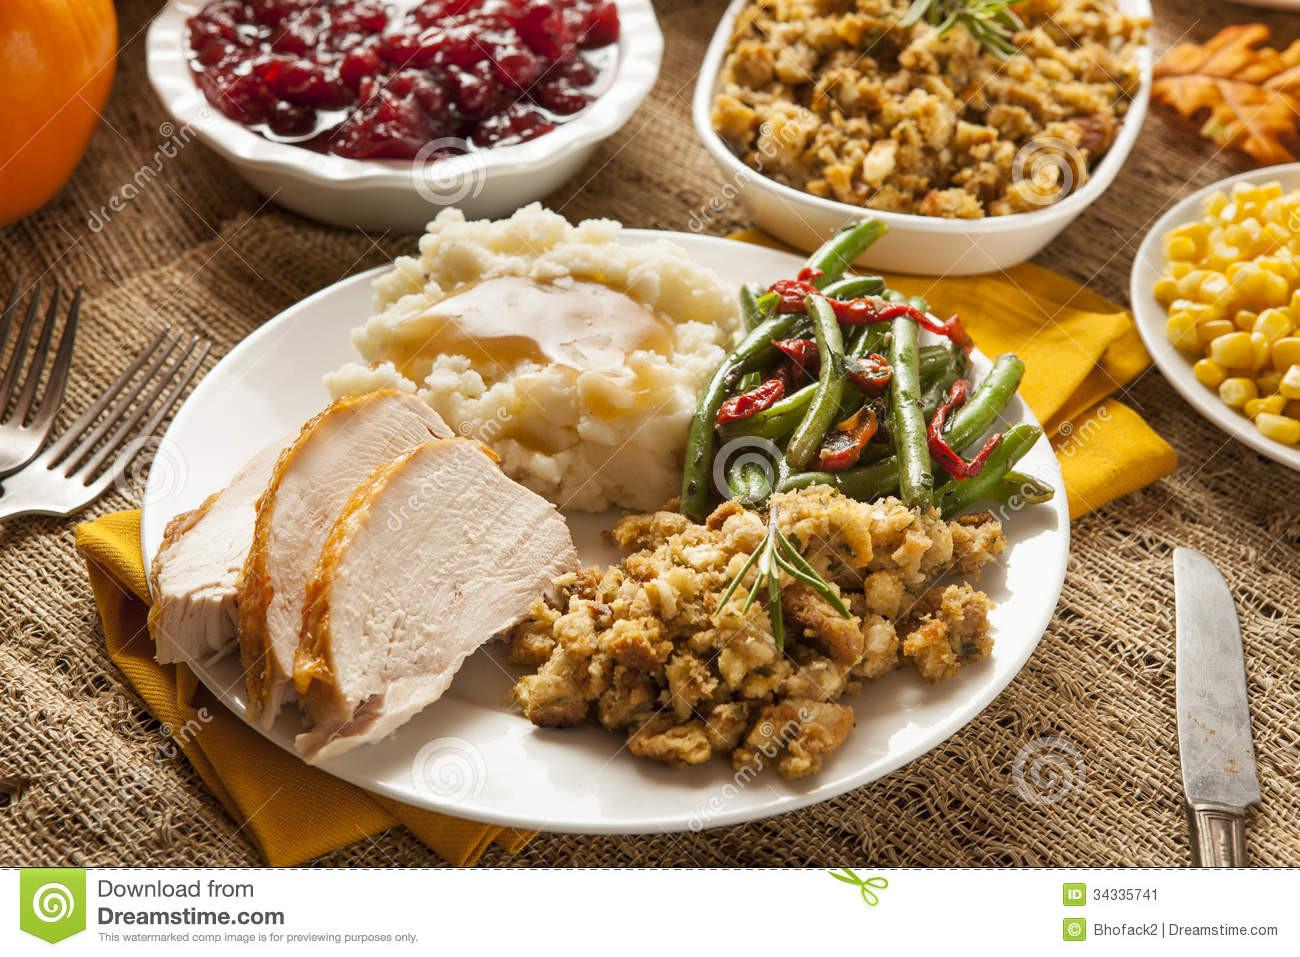 Festival Foods Thanksgiving Dinners  Homemade Turkey Thanksgiving Dinner Stock Image Image